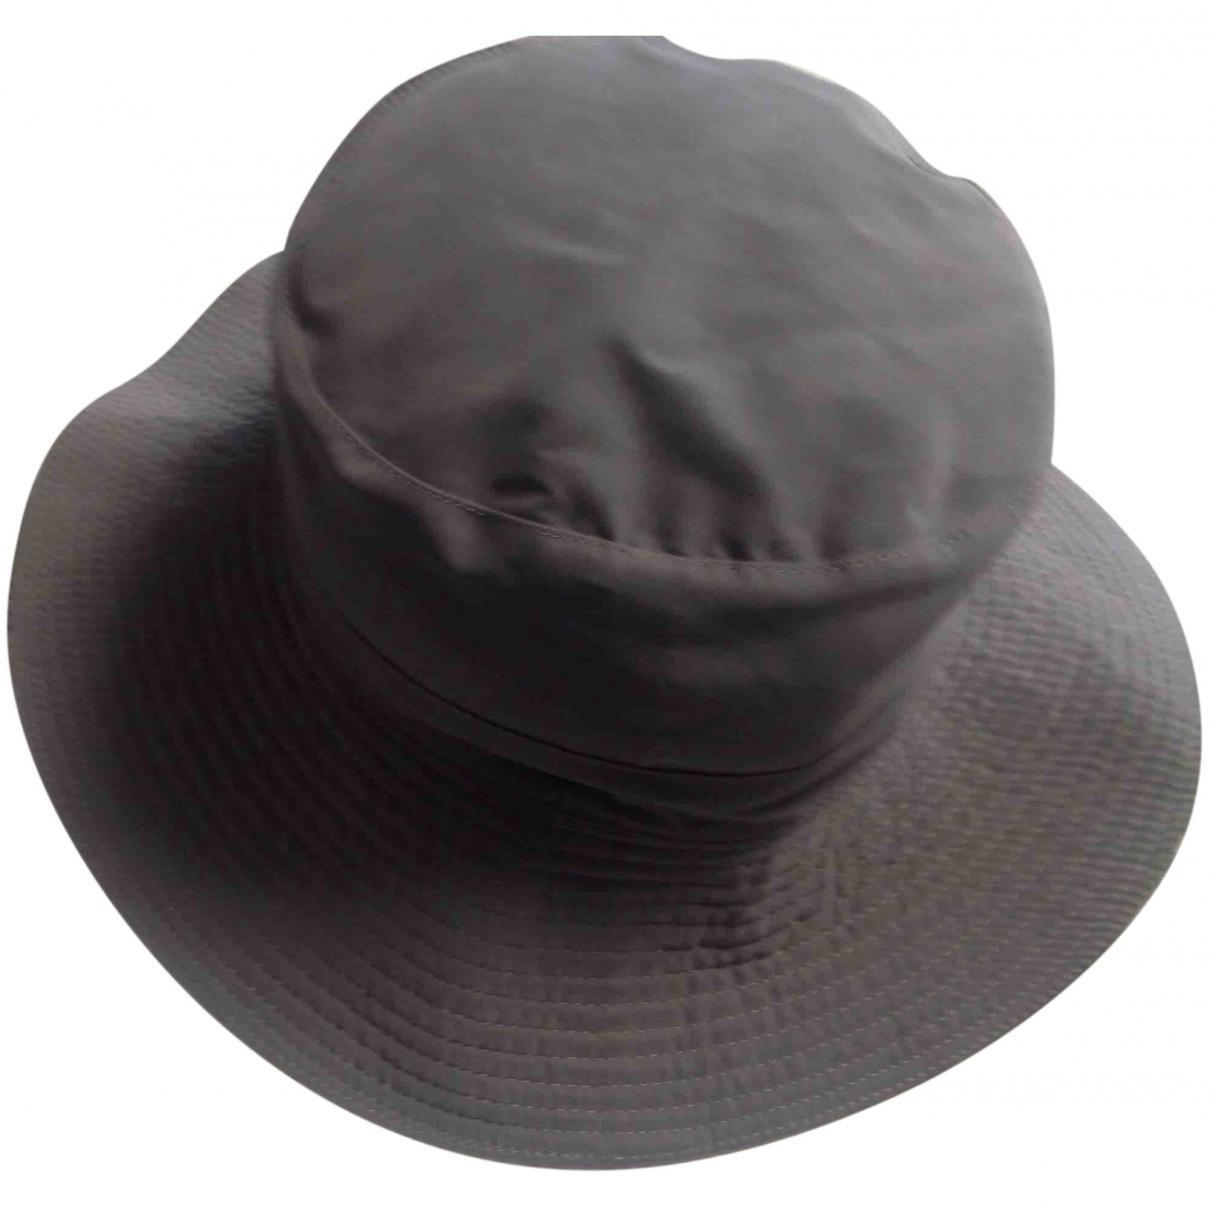 Hermès \N Grey Cloth hat for Women M International